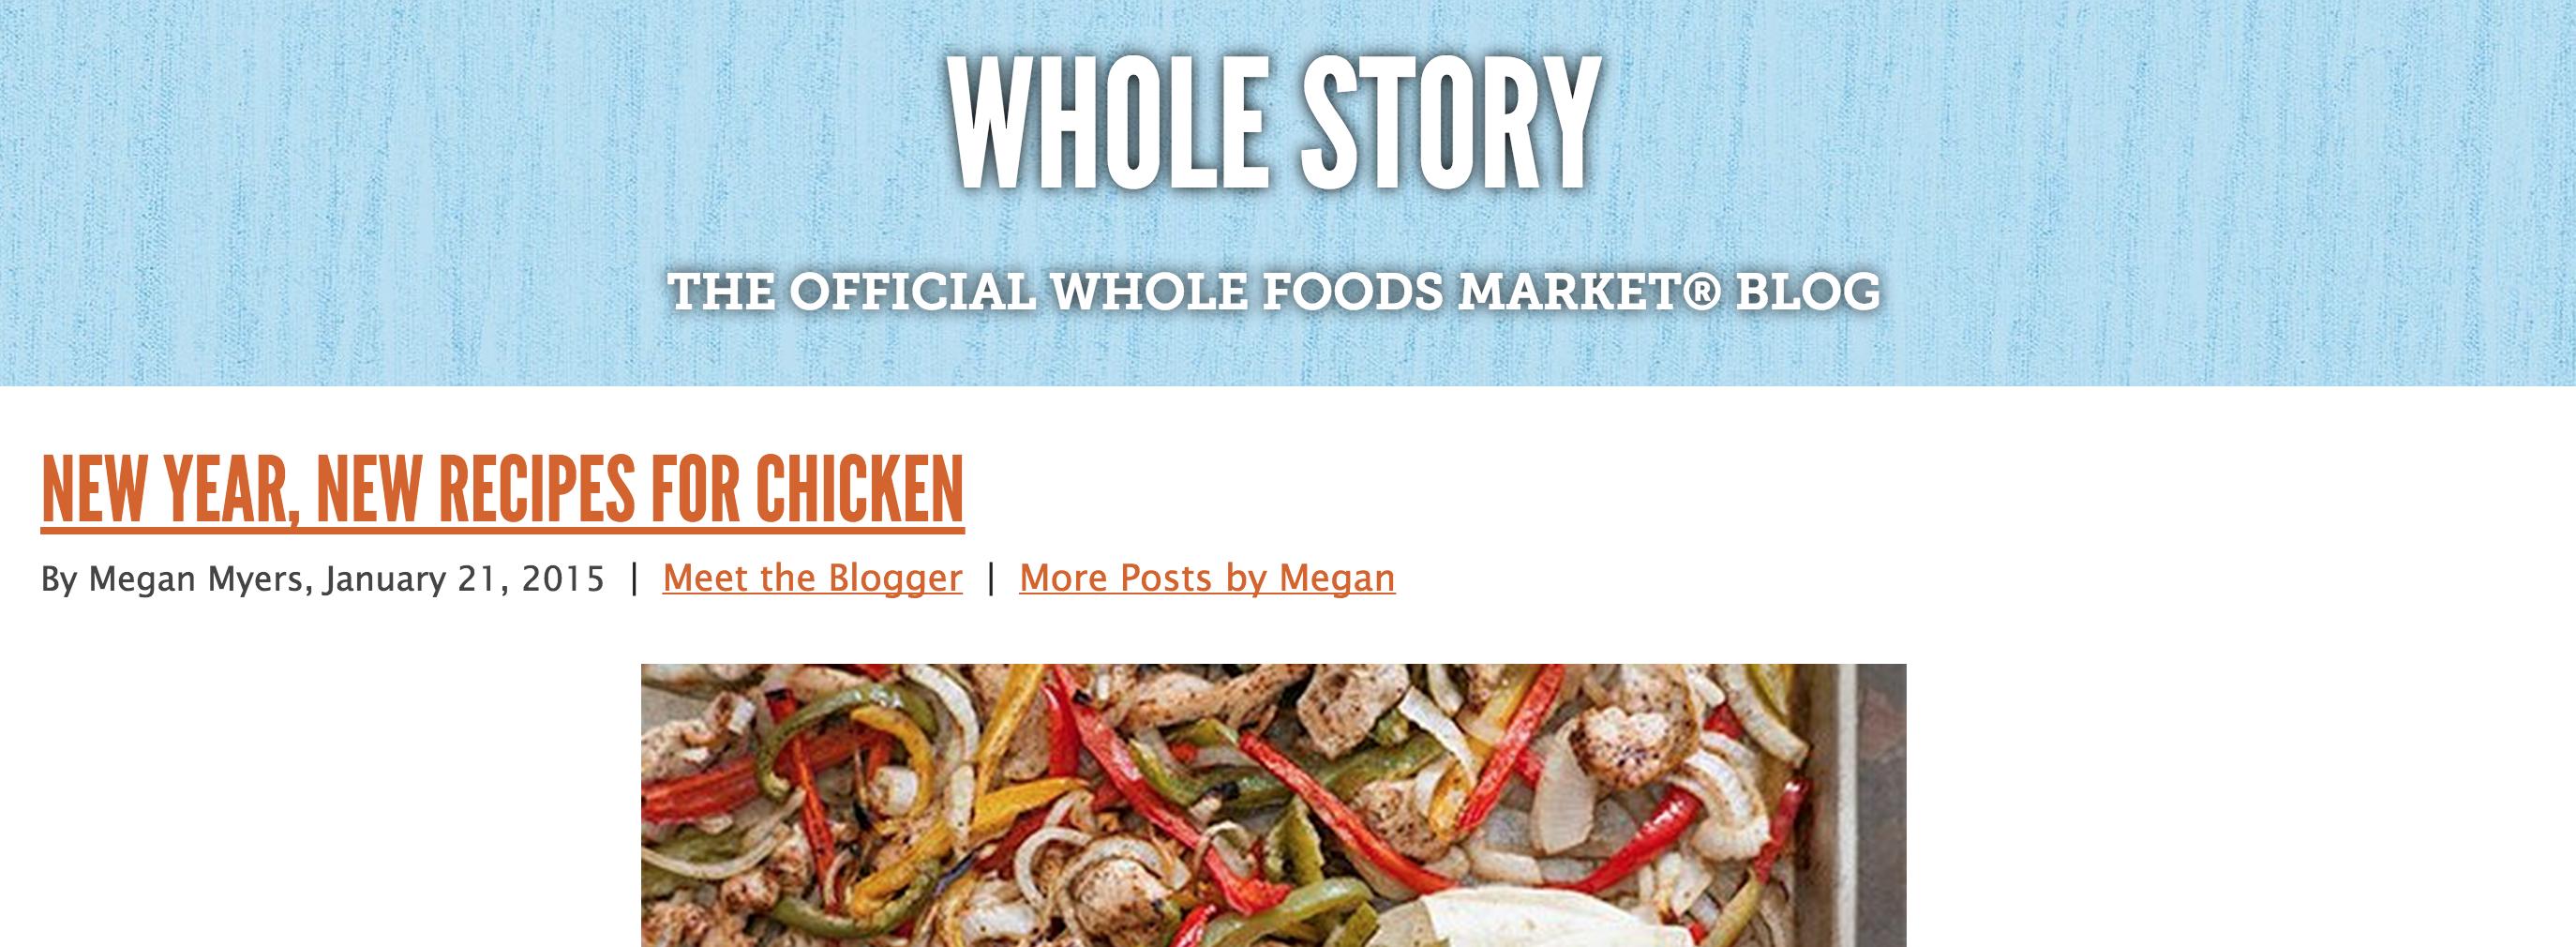 WholeFoods blog